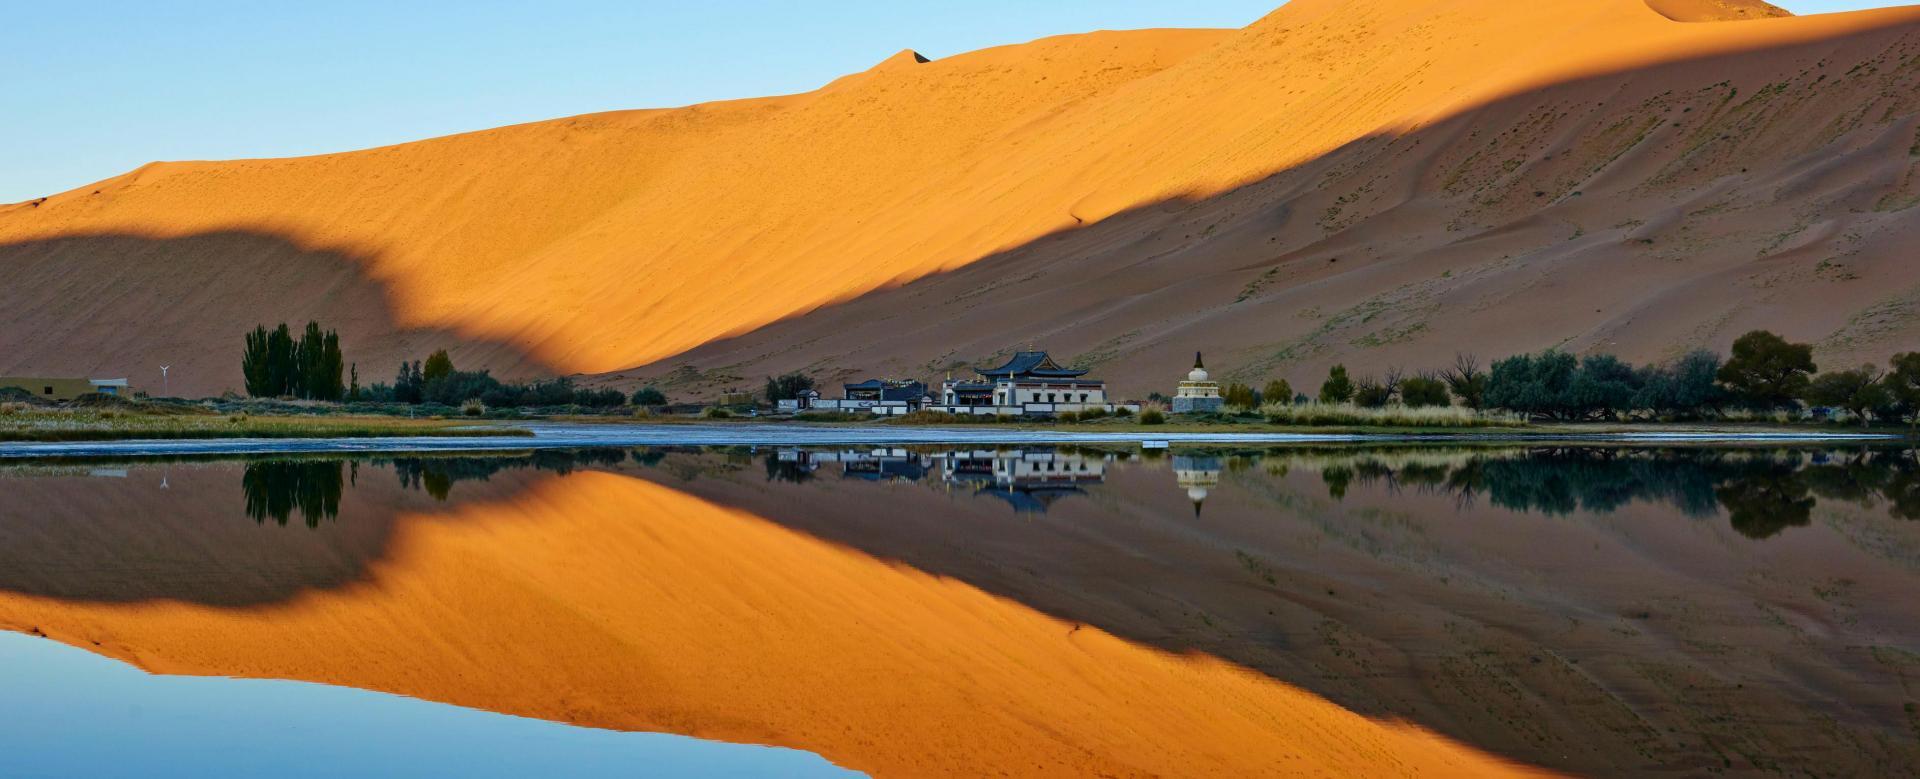 Voyage sur l'eau : Dans les dunes du désert de badain jaran